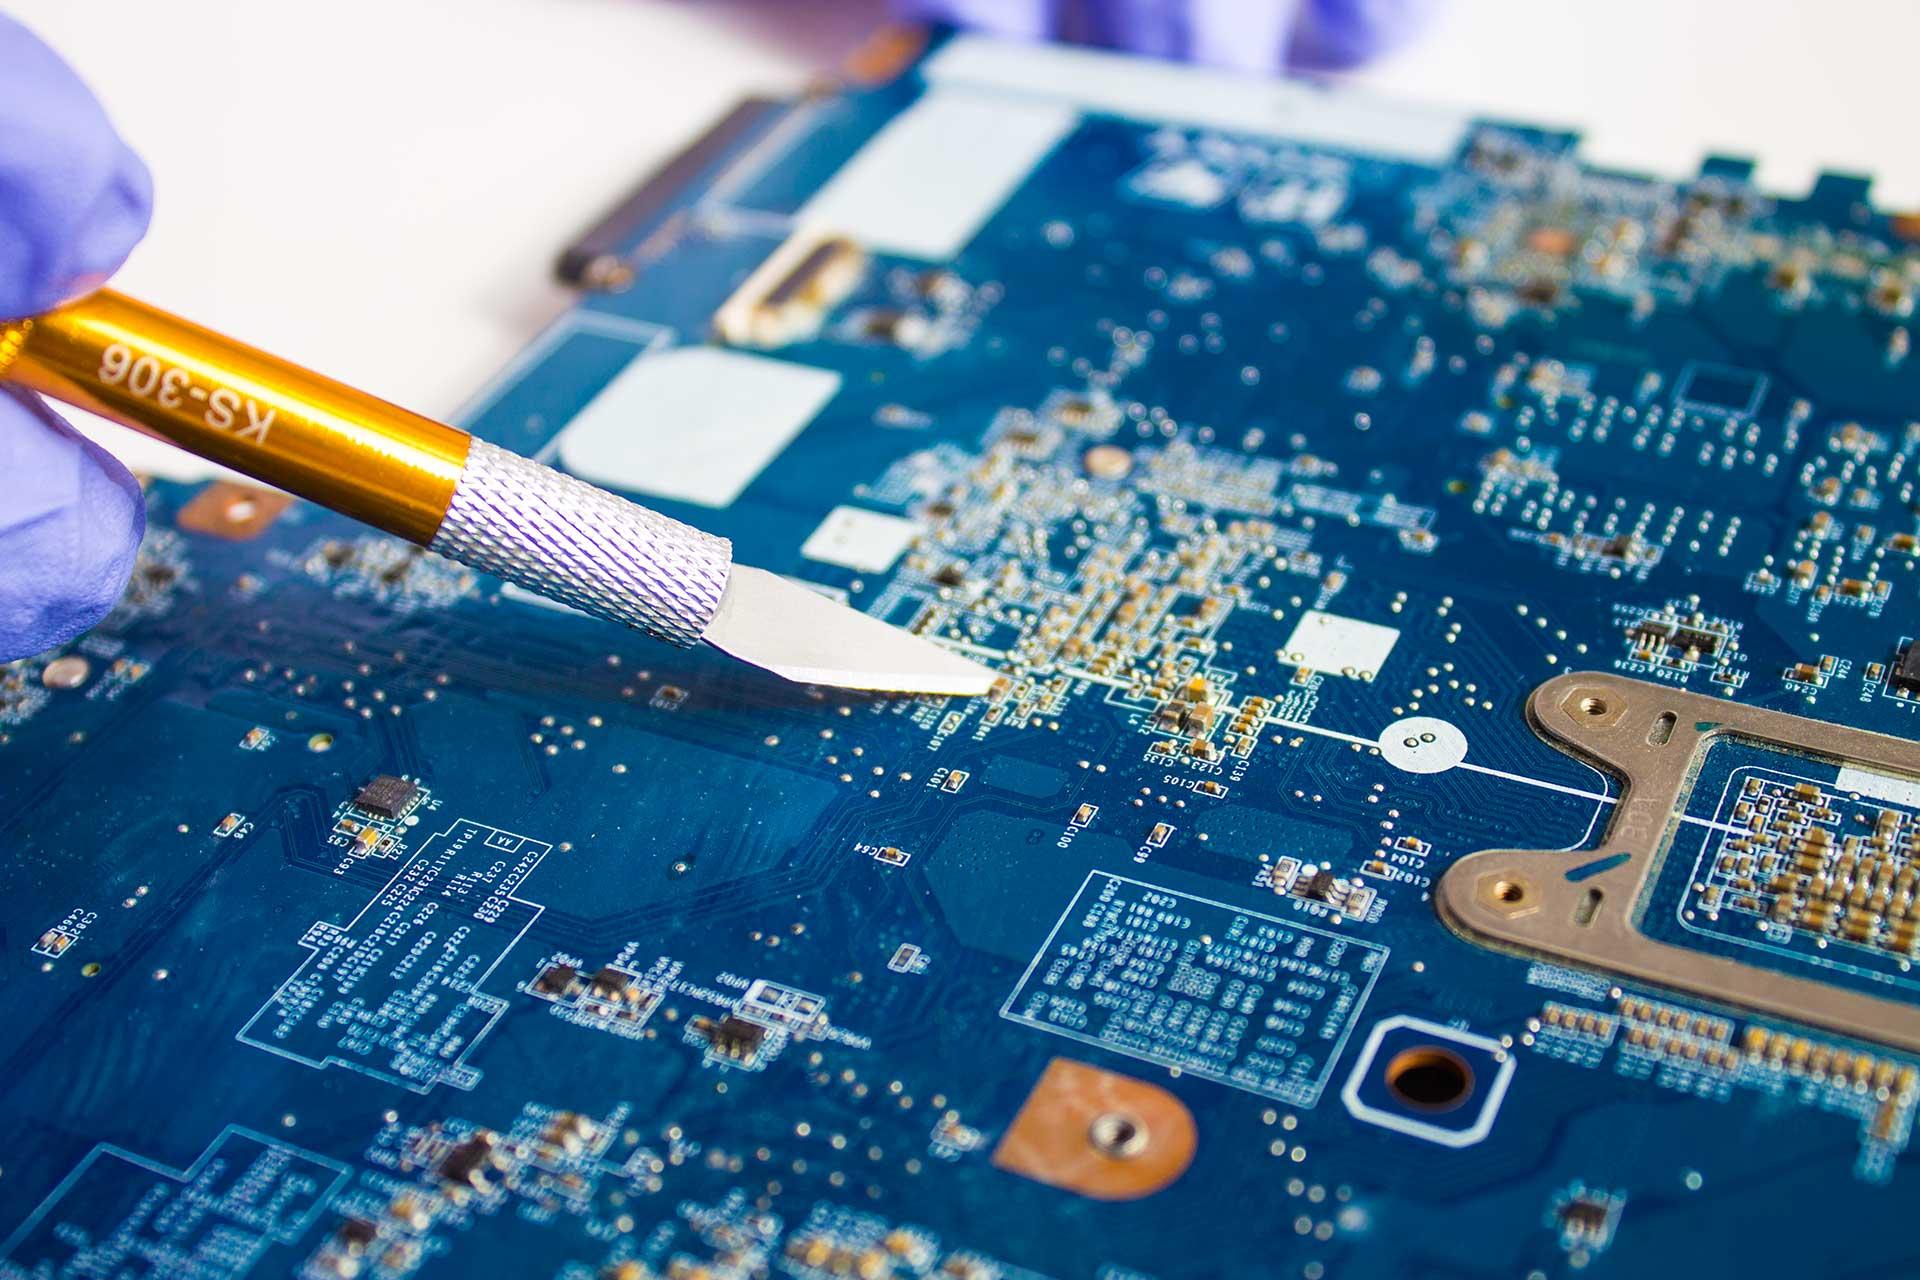 multiax-assistenza-tecnica-informatica-computer-notebook-stampanti-lcd-slider-2-1920x1280